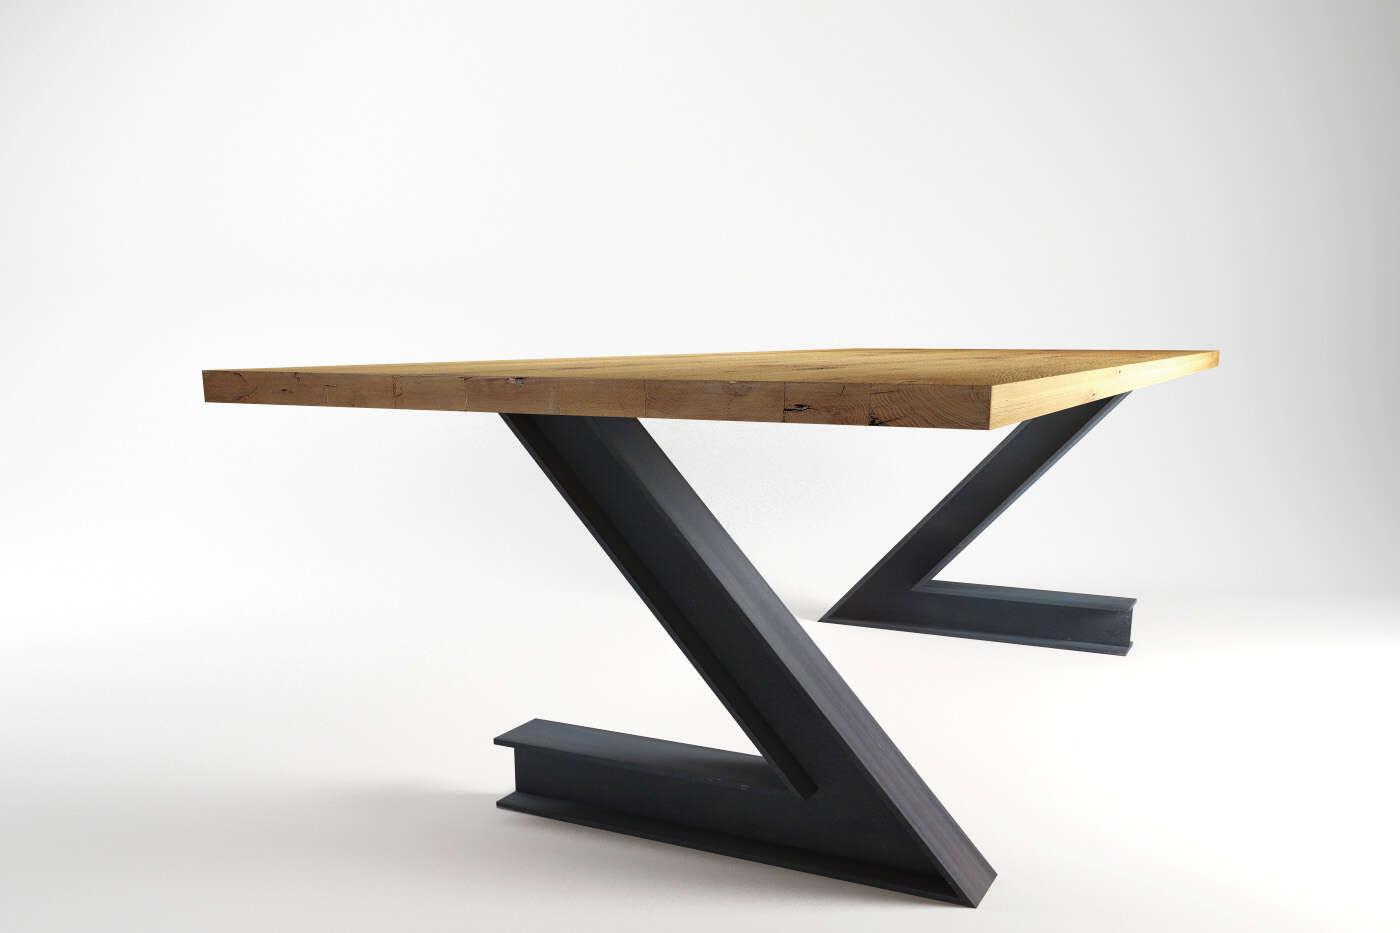 massiver industriedesign esstisch in eiche und stahl. Black Bedroom Furniture Sets. Home Design Ideas